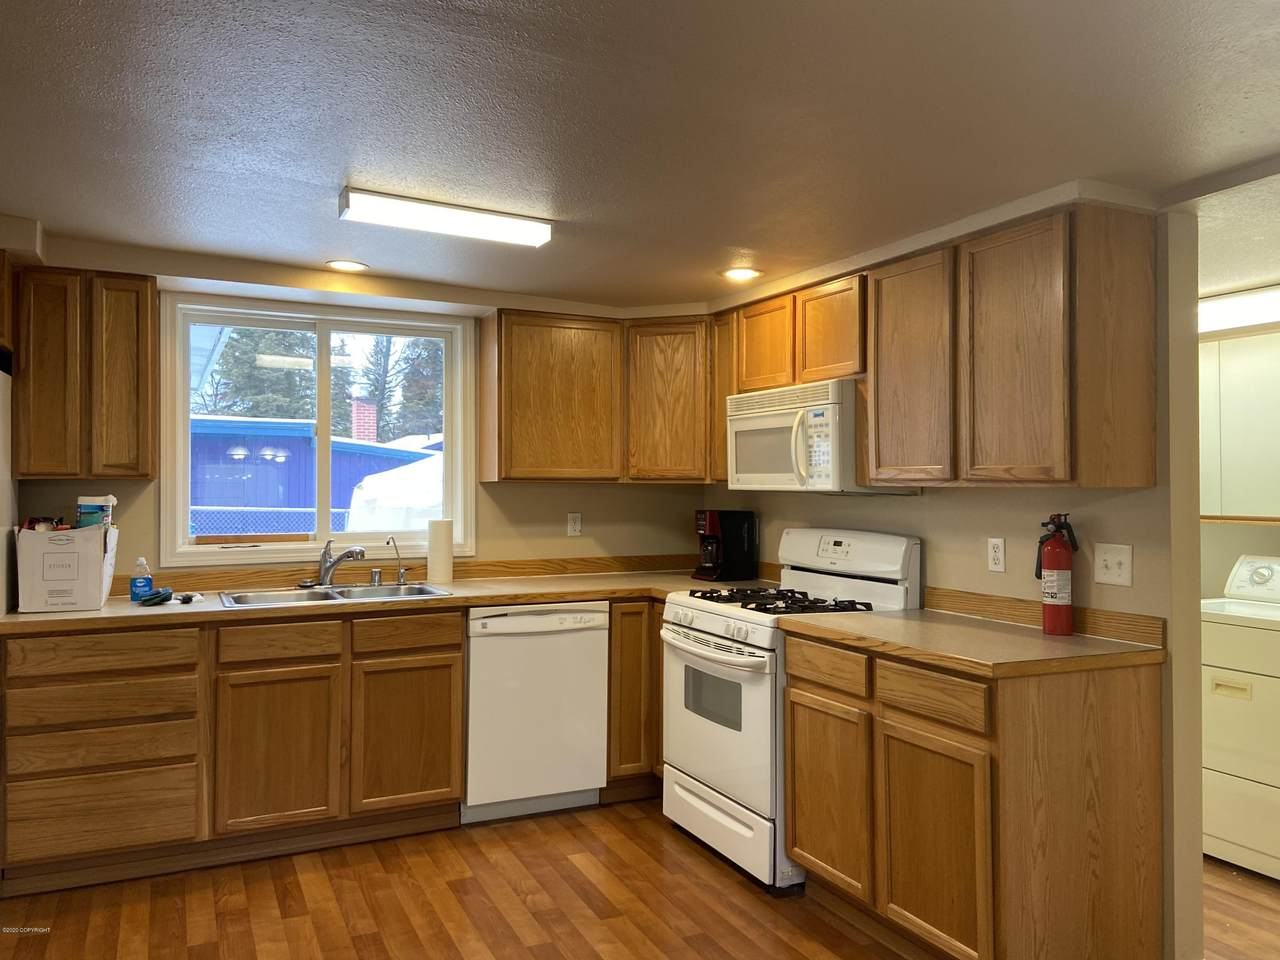 4420 Van Buren Drive - Photo 1